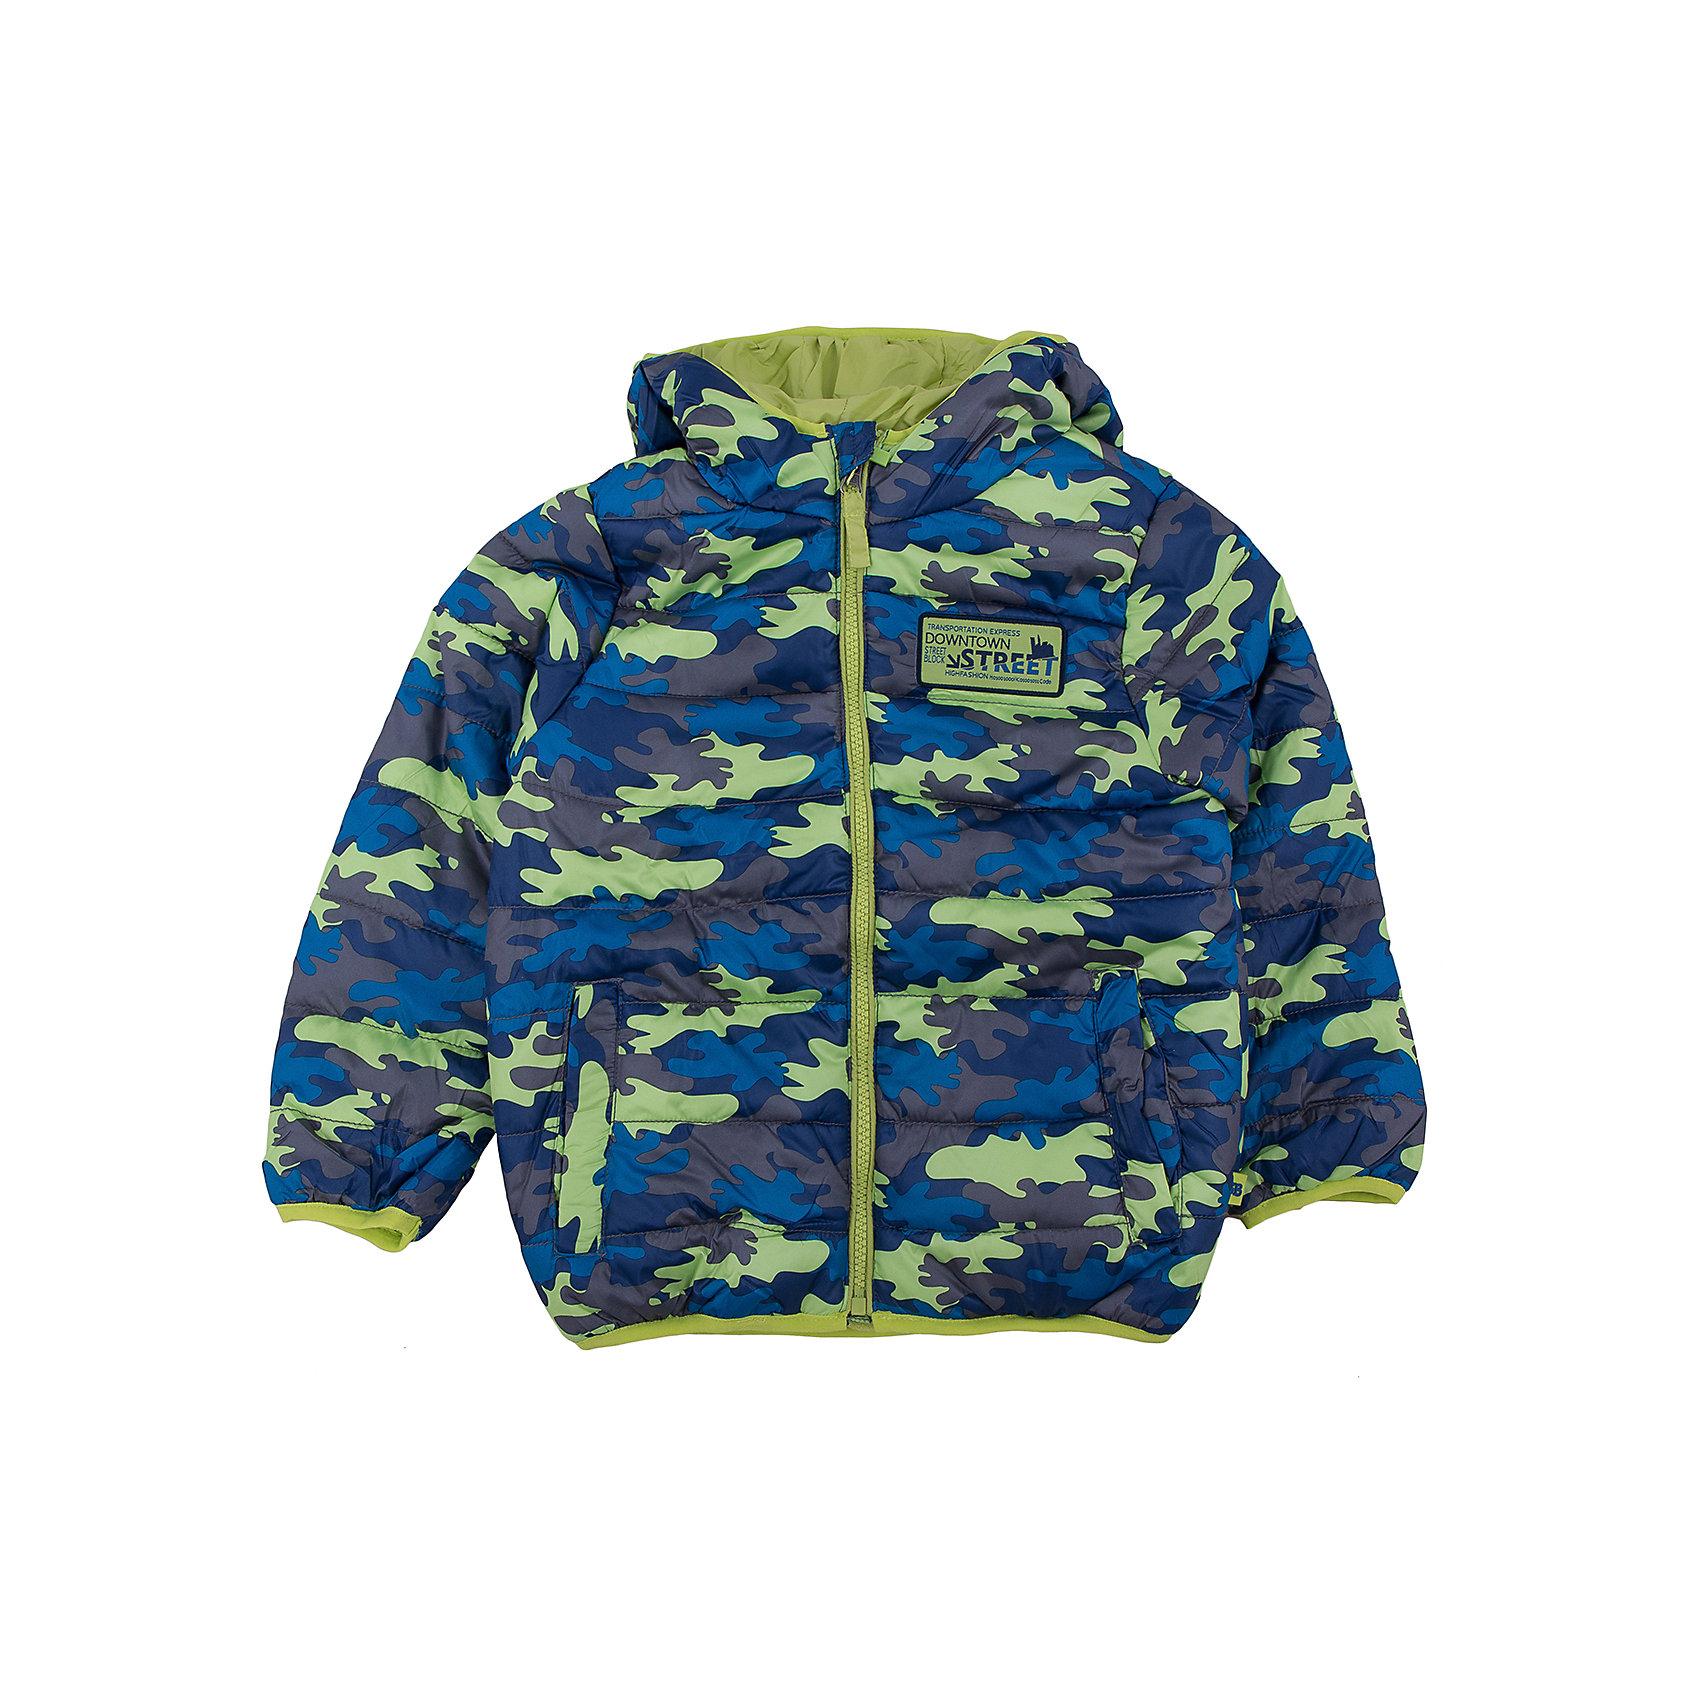 Куртка для мальчика Sweet BerryВерхняя одежда<br>Куртка для мальчика.<br><br>Температурный режим: до -5 градусов. Степень утепления – низкая. <br><br>* Температурный режим указан приблизительно — необходимо, прежде всего, ориентироваться на ощущения ребенка. Температурный режим работает в случае соблюдения правила многослойности – использования флисовой поддевы и термобелья.<br><br>Такая модель куртки для мальчика отличается модным дизайном. Удачный крой обеспечит ребенку комфорт и тепло. Флисовая подкладка делает вещь идеальной для прохладной погоды. Она плотно прилегает к телу там, где нужно, и отлично сидит по фигуре. Декорирована модель модной нашивкой и удобными карманами.<br>Одежда от бренда Sweet Berry - это простой и выгодный способ одеть ребенка удобно и стильно. Всё изделия тщательно проработаны: швы - прочные, материал - качественный, фурнитура - подобранная специально для детей. <br><br>Дополнительная информация:<br><br>цвет: зеленый, милитари;<br>капюшон;<br>материал: верх, подкладка, наполнитель - 100% полиэстер;<br>застежка: молния;<br>карманы.<br><br>Куртку для мальчика от бренда Sweet Berry можно купить в нашем интернет-магазине.<br><br>Ширина мм: 356<br>Глубина мм: 10<br>Высота мм: 245<br>Вес г: 519<br>Цвет: зеленый<br>Возраст от месяцев: 60<br>Возраст до месяцев: 72<br>Пол: Мужской<br>Возраст: Детский<br>Размер: 116,122,128,98,104,110<br>SKU: 4930662